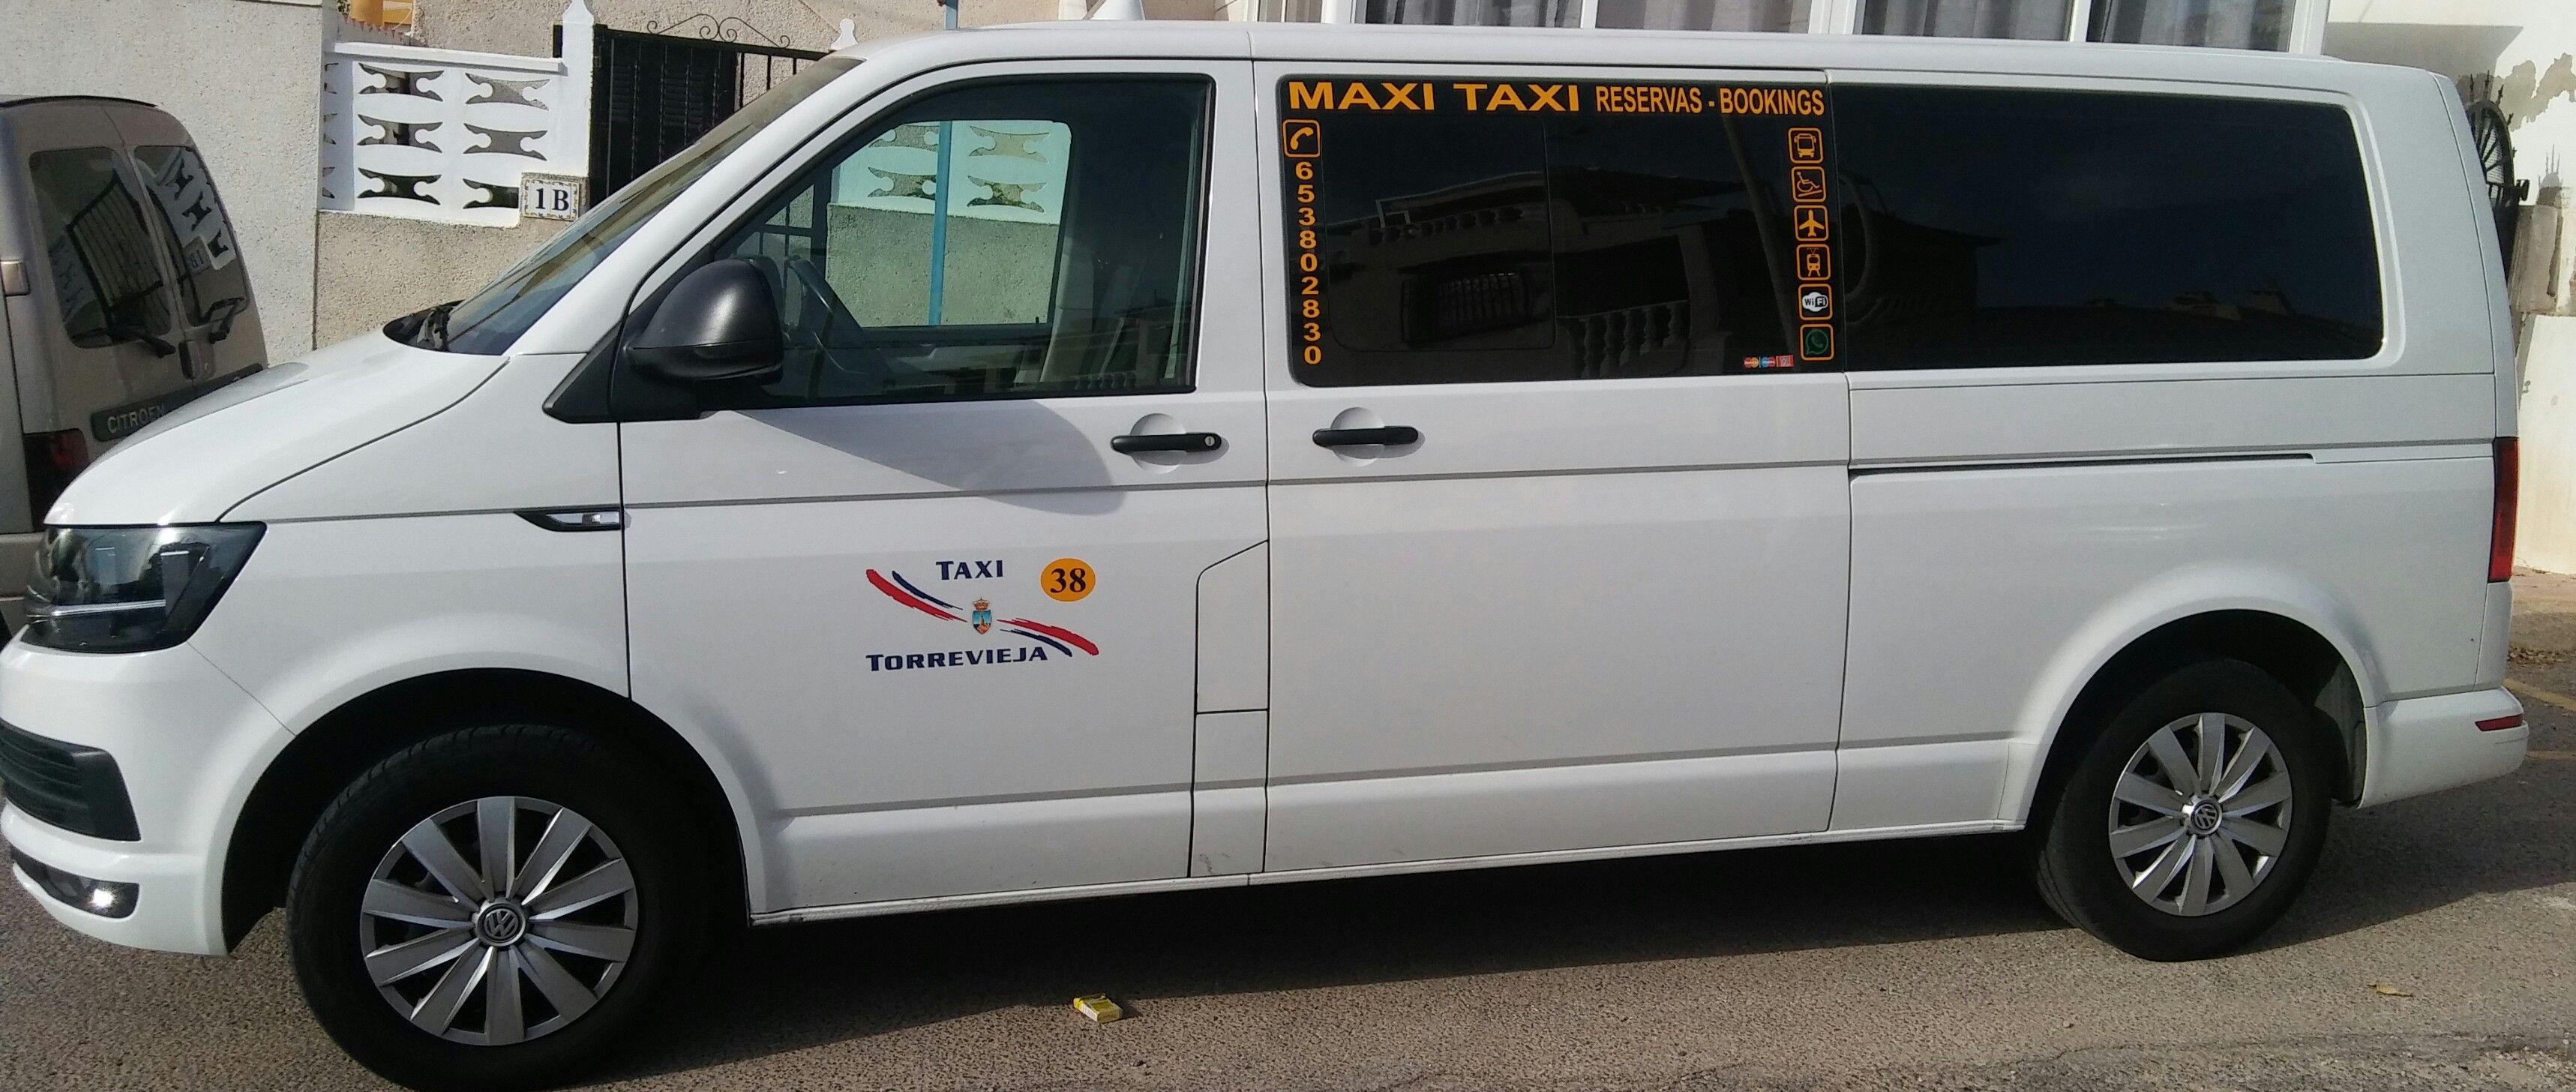 Foto 2 de Servicio de taxi en Torrevieja | Taxi Julio Torrevieja